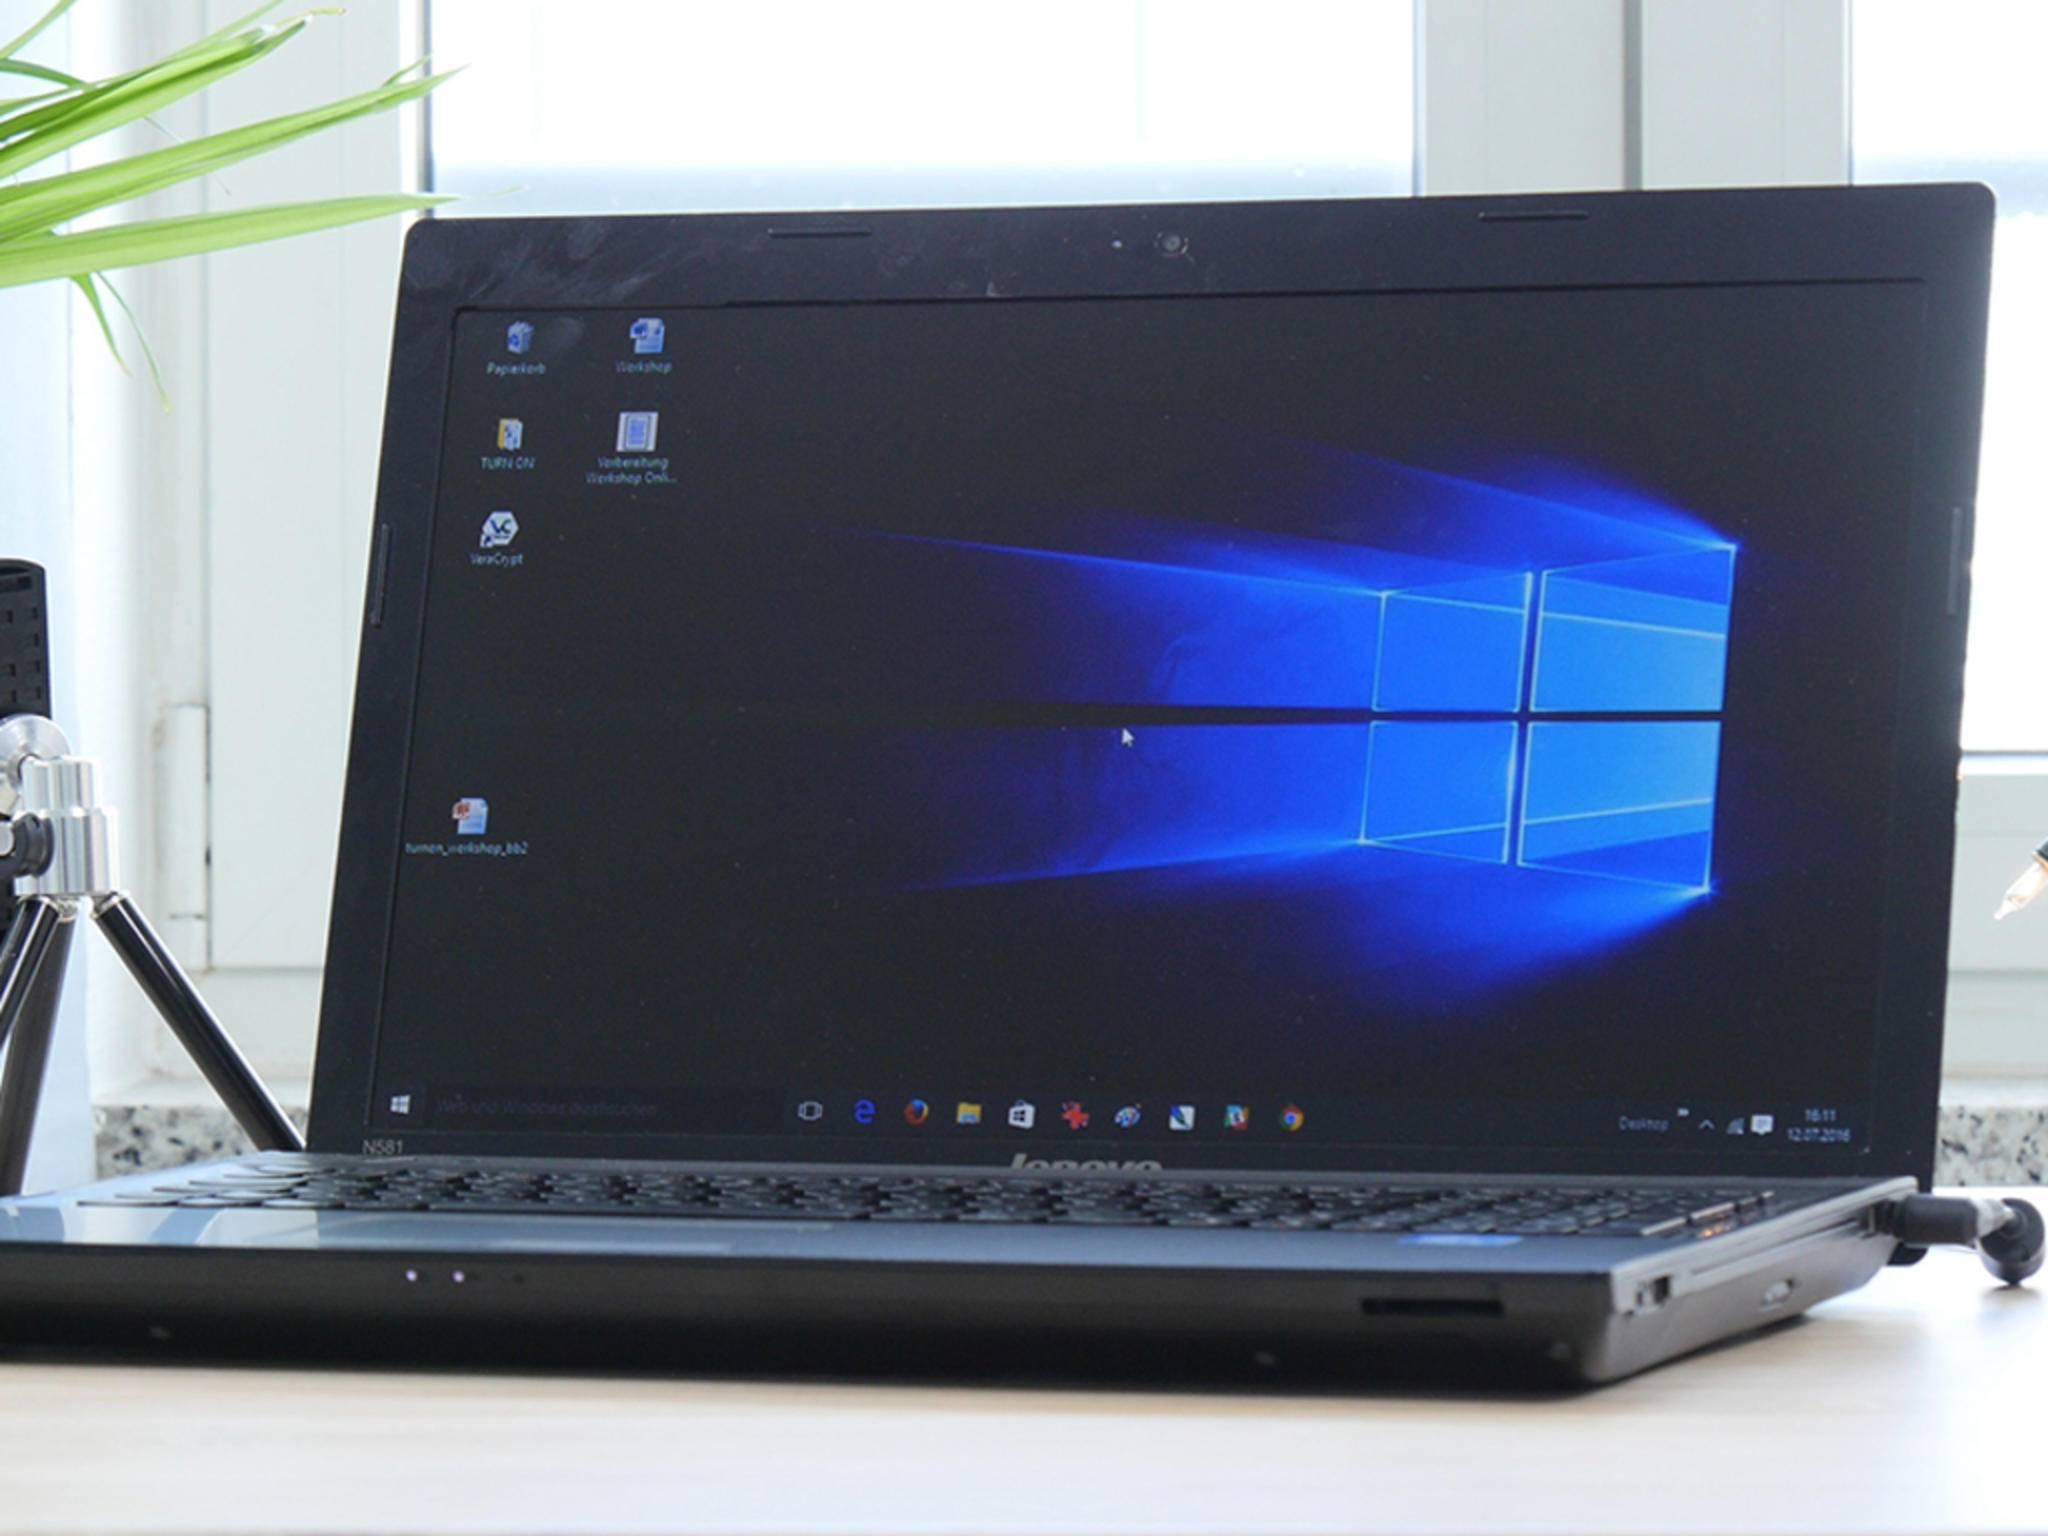 Mit einem Trick lässt sich das kostenlose Update auf Windows 10 weiterhin durchführen.